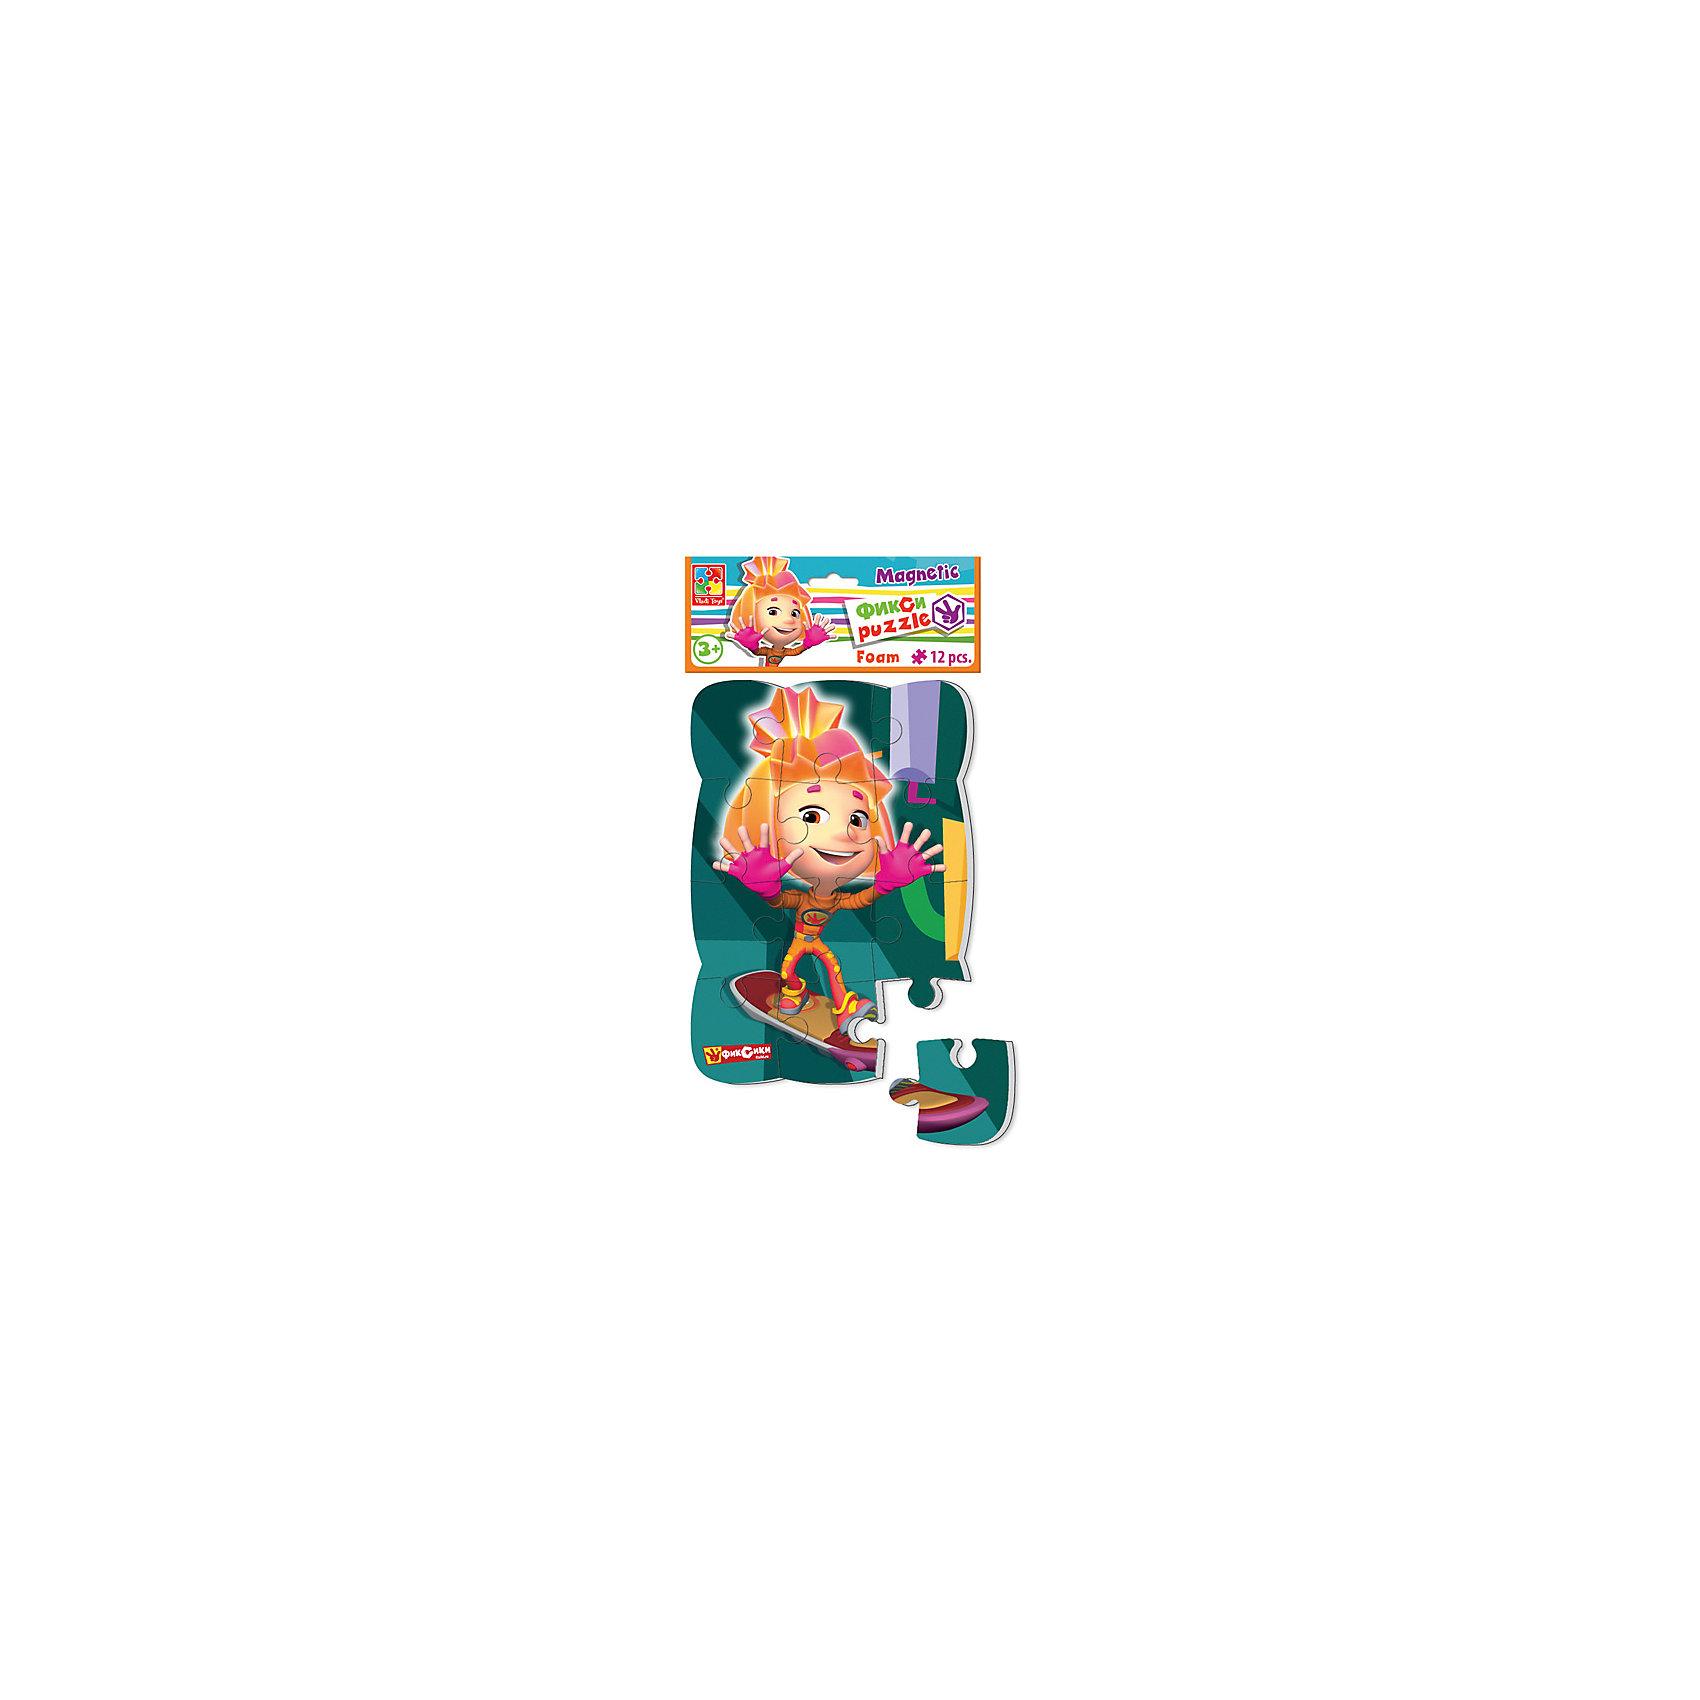 Пазлы на магните Симка, Фиксики, Vladi ToysПопулярные игрушки<br>Характеристики:<br><br>• Вид игр: развивающие<br>• Серия: пазлы-магниты<br>• Пол: универсальный<br>• Материал: полимер, картон, магнит<br>• Цвет: розовый, оранжевый, зеленый, и др.<br>• Комплектация: 1 пазл из 12-ти элементов<br>• Размеры (Д*Ш*В): 18*4*30,5 см<br>• Тип упаковки: полиэтиленовый пакет с картонным клапаном <br>• Вес: 73 г<br><br>Пазлы на магните Симка, Фиксики, Vladi Toys, производителем которых является компания, специализирующаяся на выпуске развивающих игр, давно уже стали популярными среди аналогичной продукции. Мягкие пазлы – идеальное решение для развивающих занятий с самыми маленькими детьми, так как они разделены на большие элементы с крупными изображениями, чаще всего в качестве картинок используются герои популярных мультсериалов. Самое важное в пазле для малышей – это минимум деталей и безопасность элементов. Все используемые в производстве материалы являются экологически безопасными, не вызывают аллергии, не имеют запаха. Пазлы на магните Симка, Фиксики, Vladi Toys представляет собой сюжетную картинку, которая состоит из 12-и крупных элементов с изображением Симки. <br>Занятия с мягкими пазлами от Vladi Toys способствуют развитию не только мелкой моторики, но и внимательности, усидчивости, терпению при достижении цели. Кроме того, по собранной картинке можно составлять рассказ, что позволит развивать речевые навыки, память и воображение.<br><br>Пазлы на магните Симка, Фиксики, Vladi Toys можно купить в нашем интернет-магазине.<br><br>Ширина мм: 180<br>Глубина мм: 4<br>Высота мм: 305<br>Вес г: 73<br>Возраст от месяцев: 24<br>Возраст до месяцев: 60<br>Пол: Унисекс<br>Возраст: Детский<br>SKU: 5136087